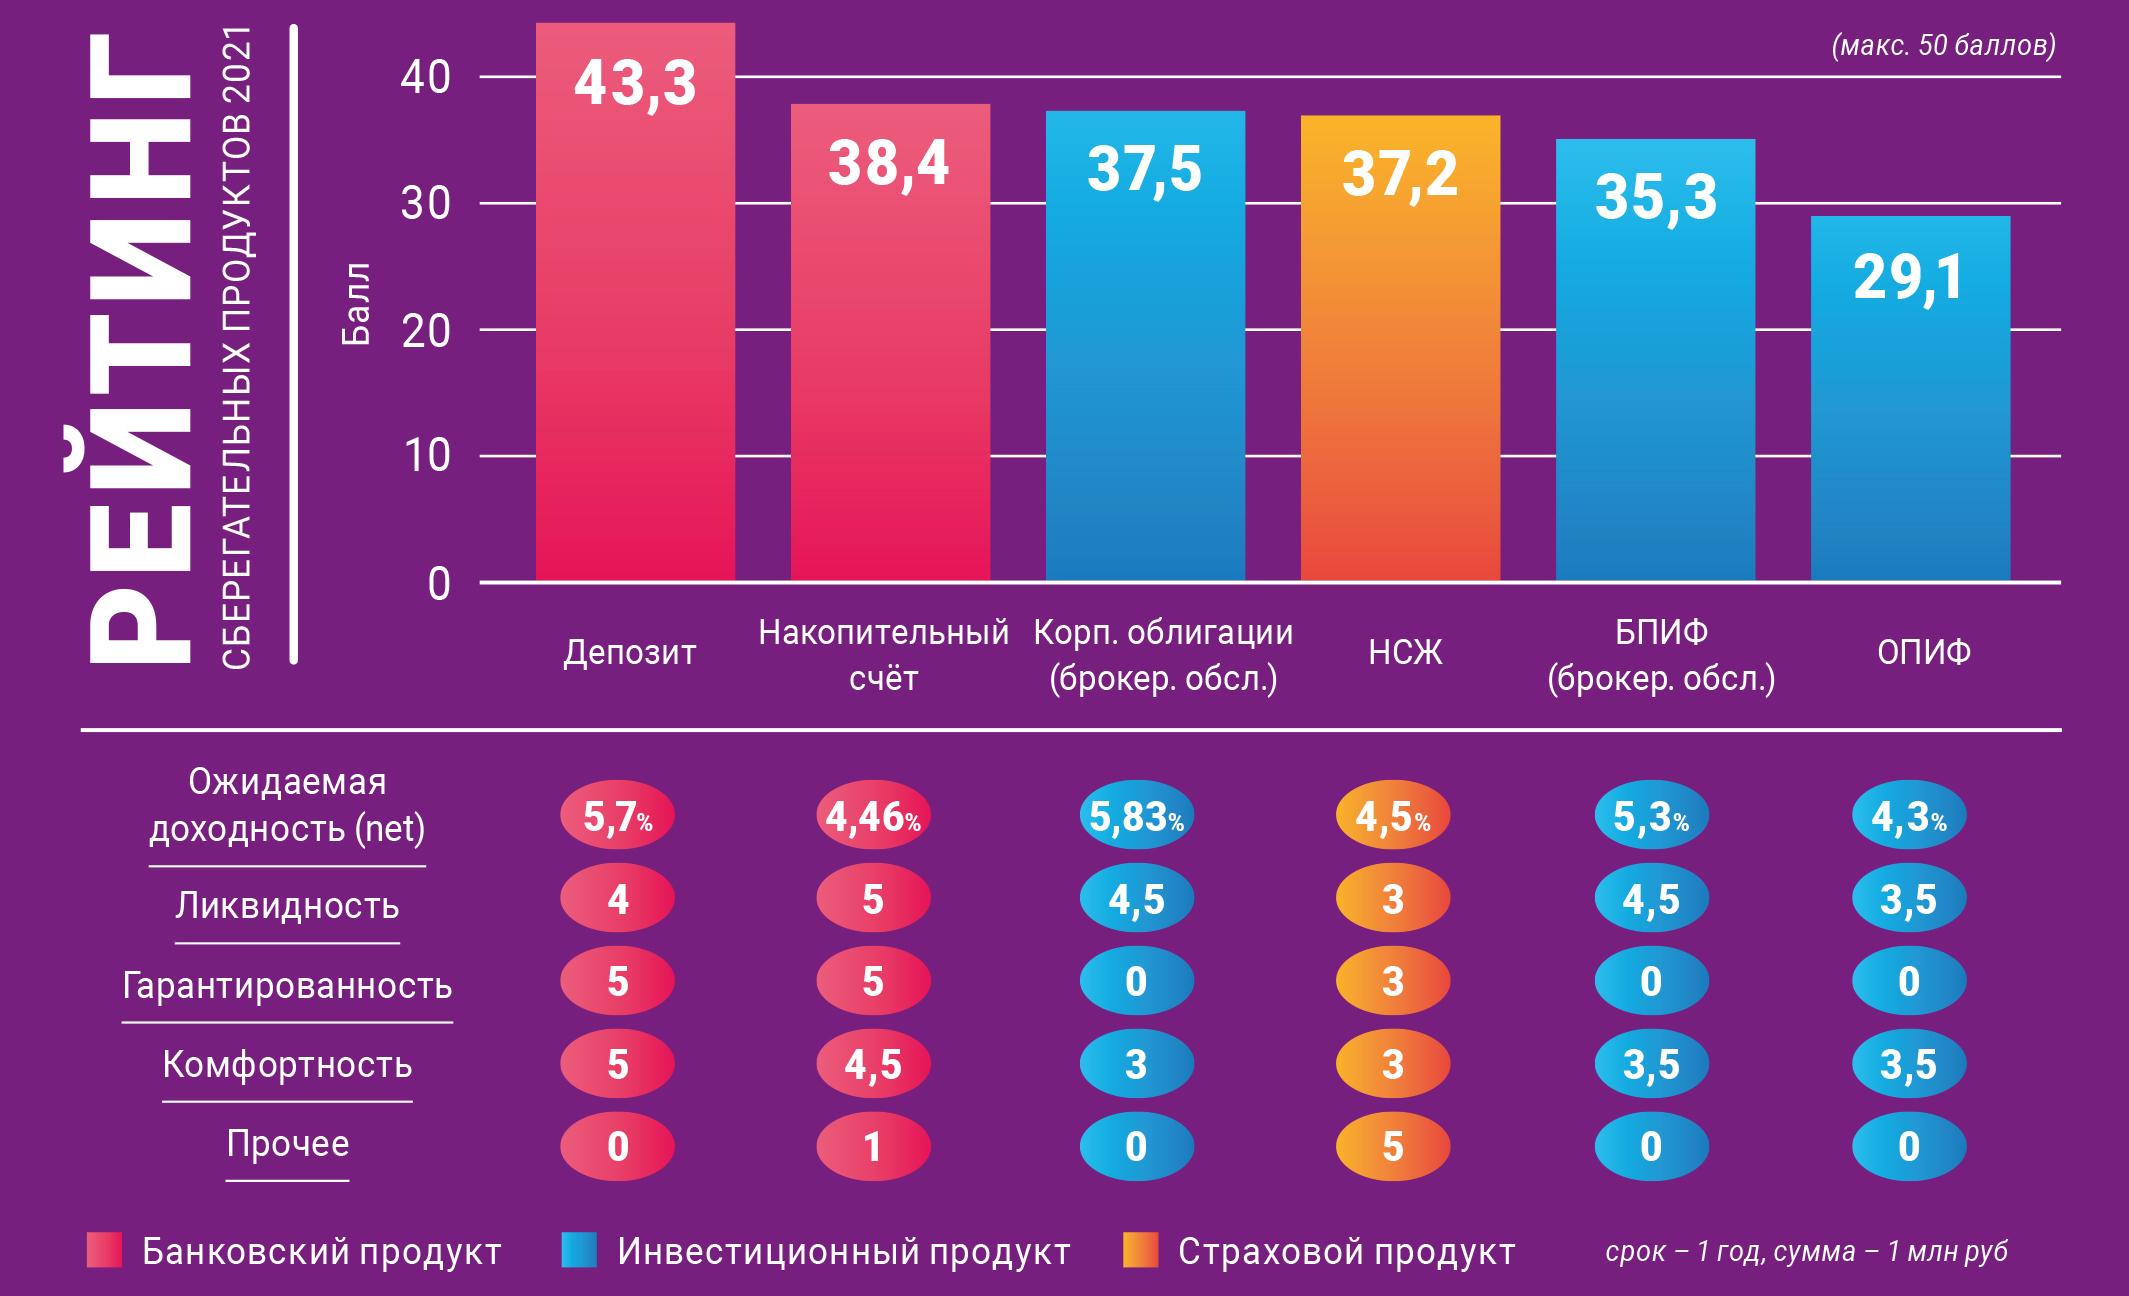 NBJ представил ежегодный рейтинг сберегательных продуктов